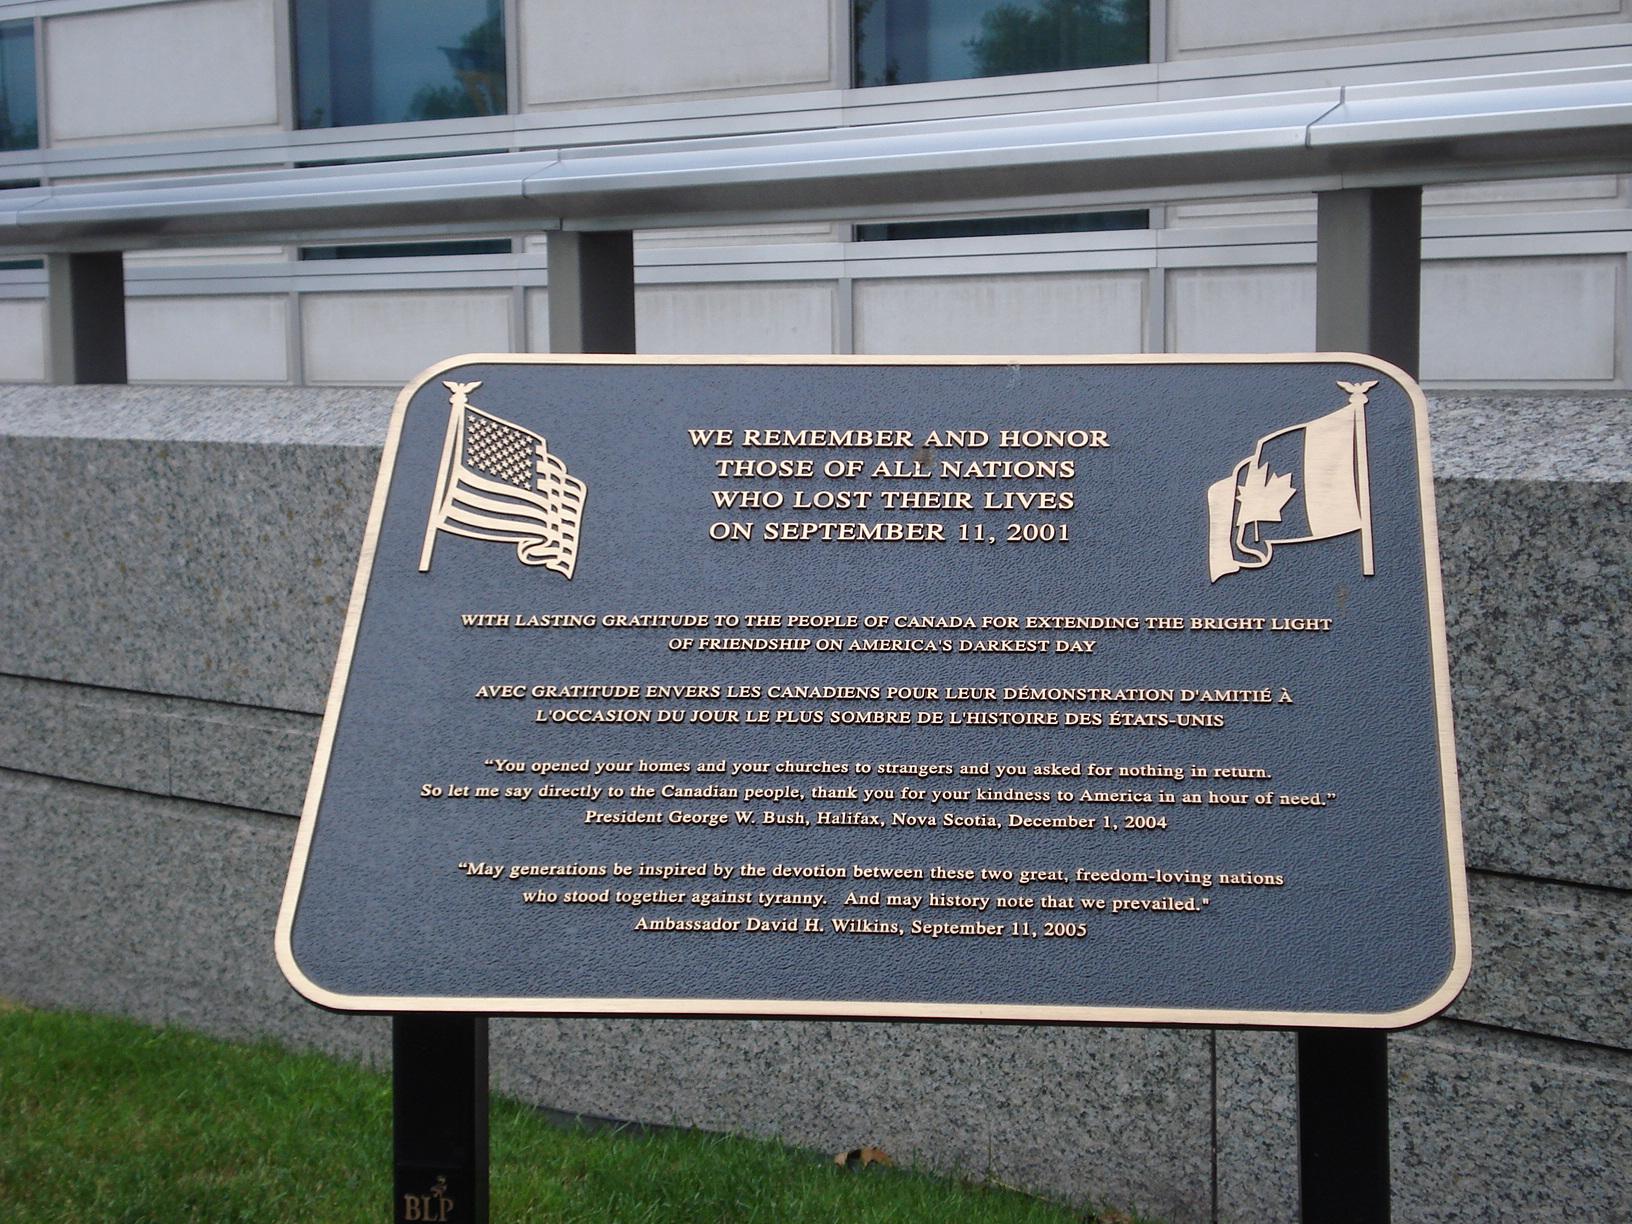 US Embassy Memorial Plaque - Ottawa, Ontario, Canada